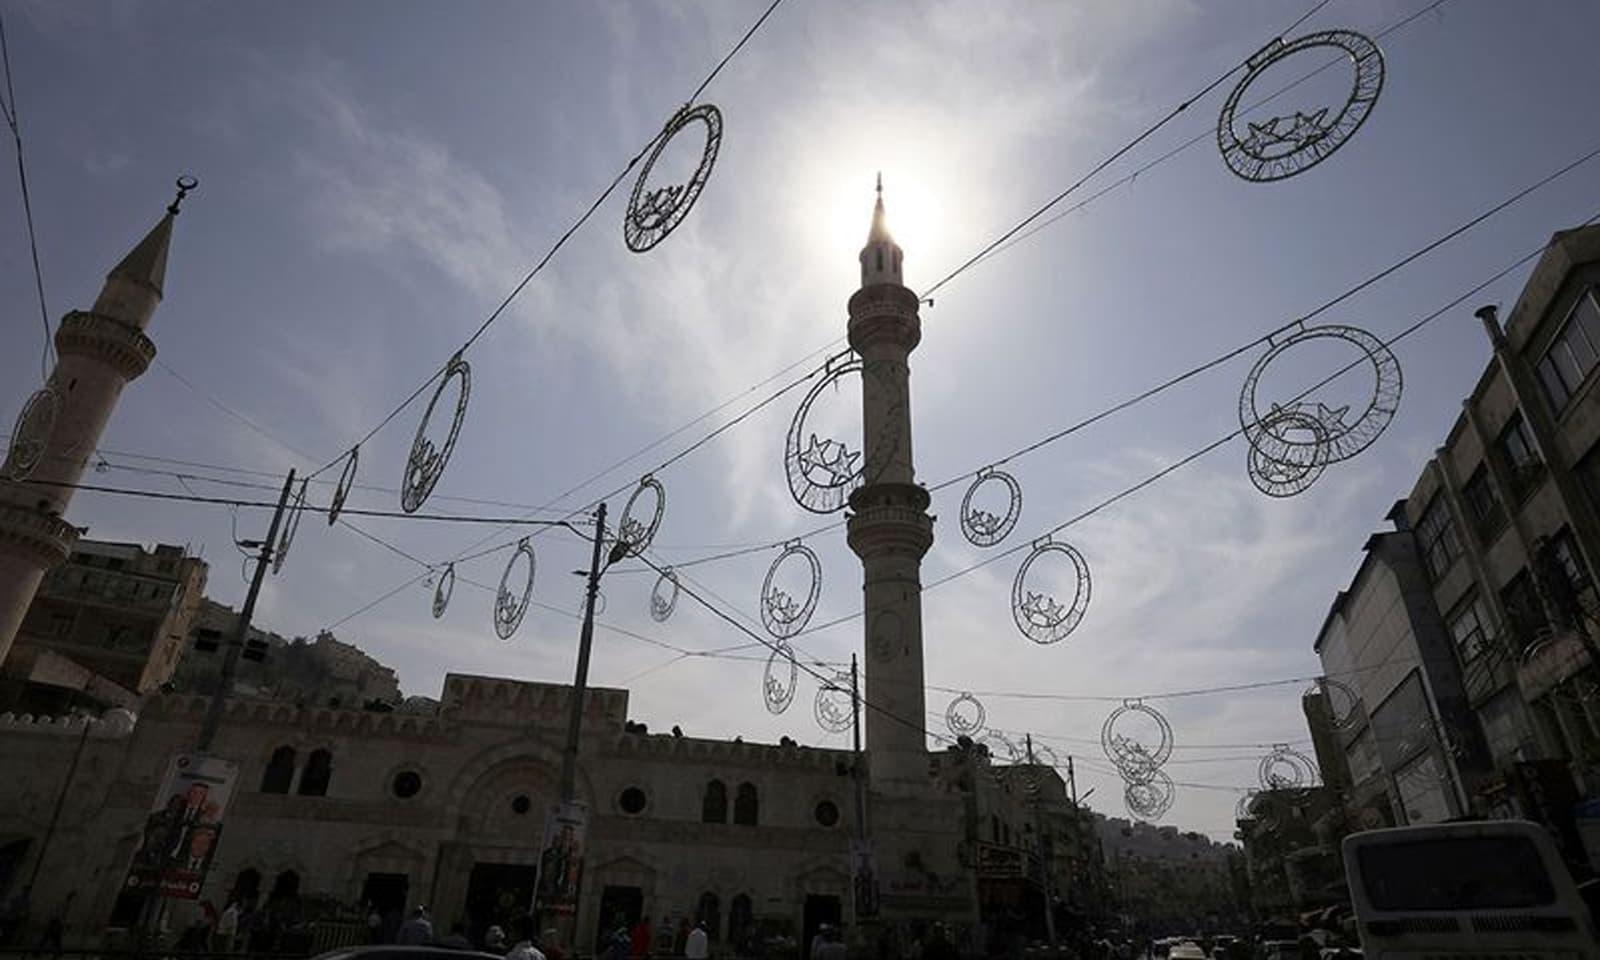 عید میلادالنبی کے موقع پر عمان میں بھی گلیوں کو سجایا گیا — فوٹو: رائٹرز